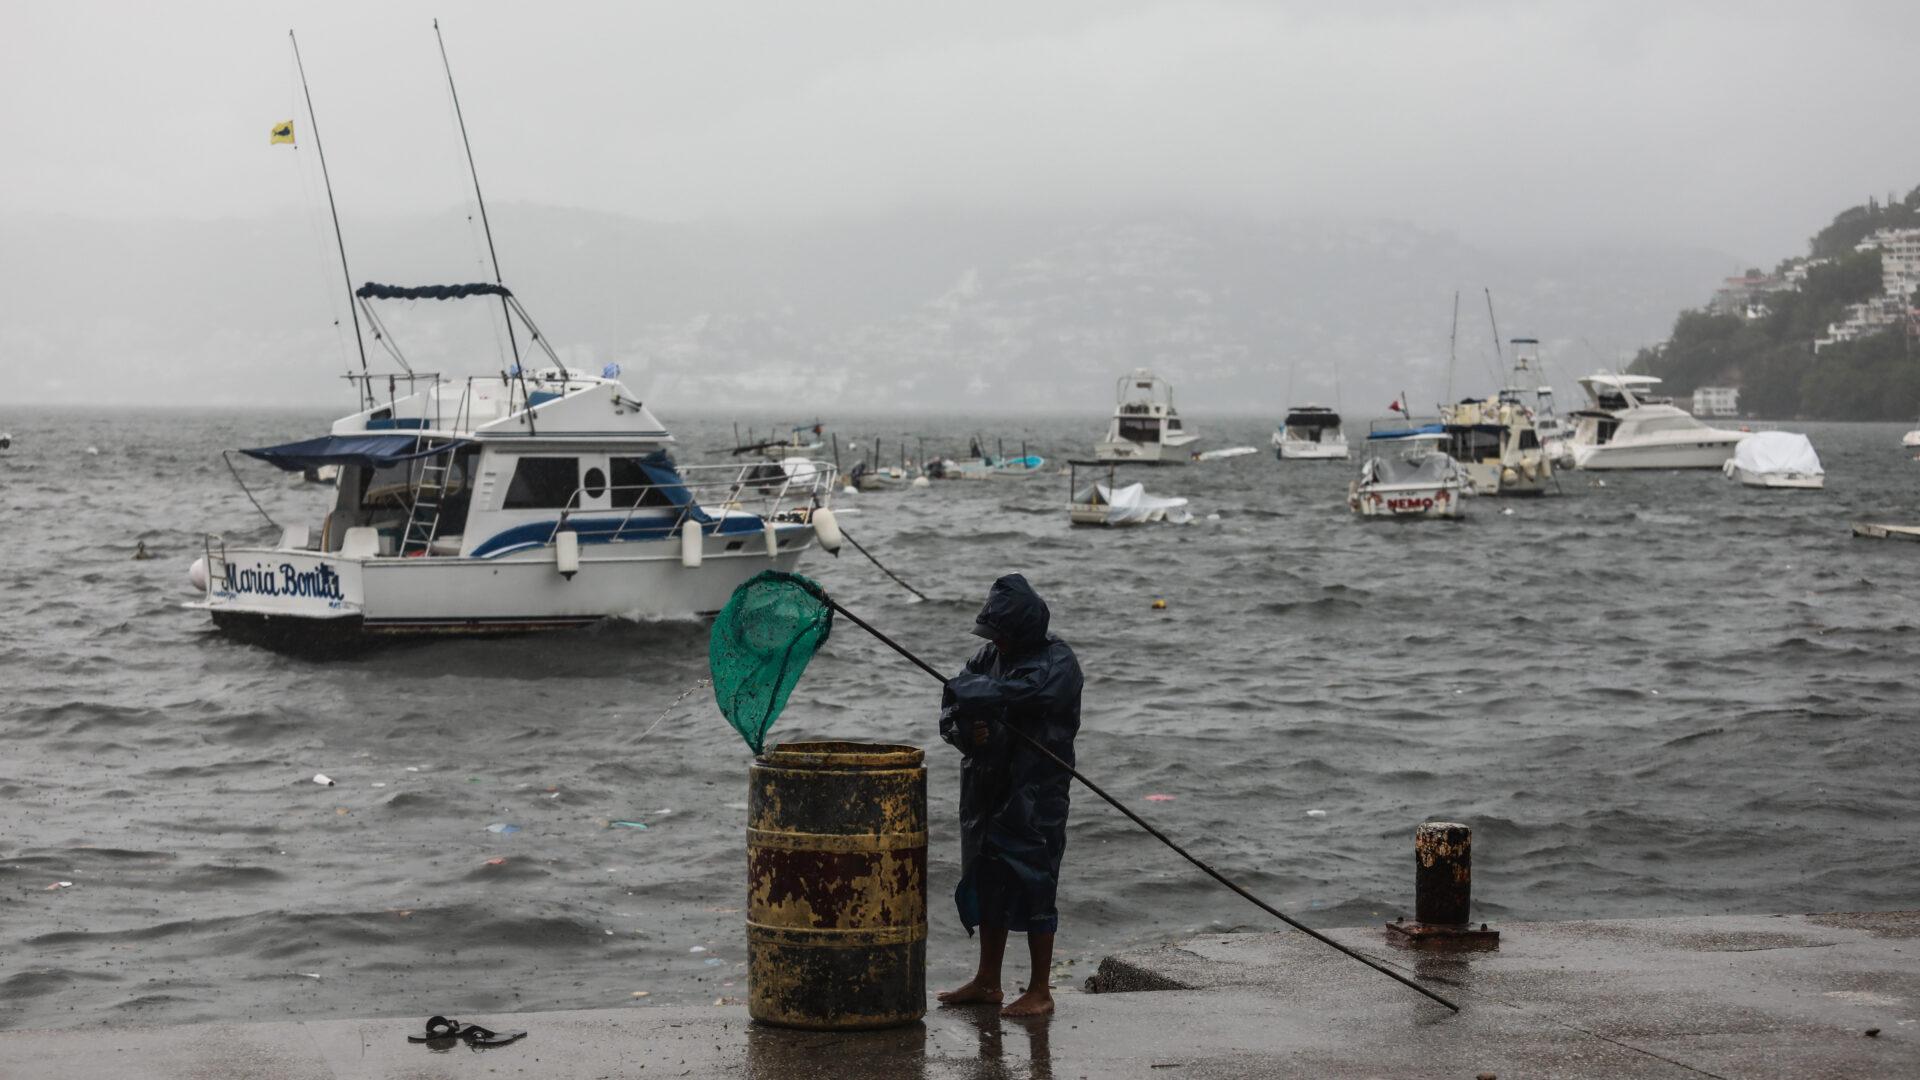 Foto de uan costa para ilustrar el huracán 'Enrique'